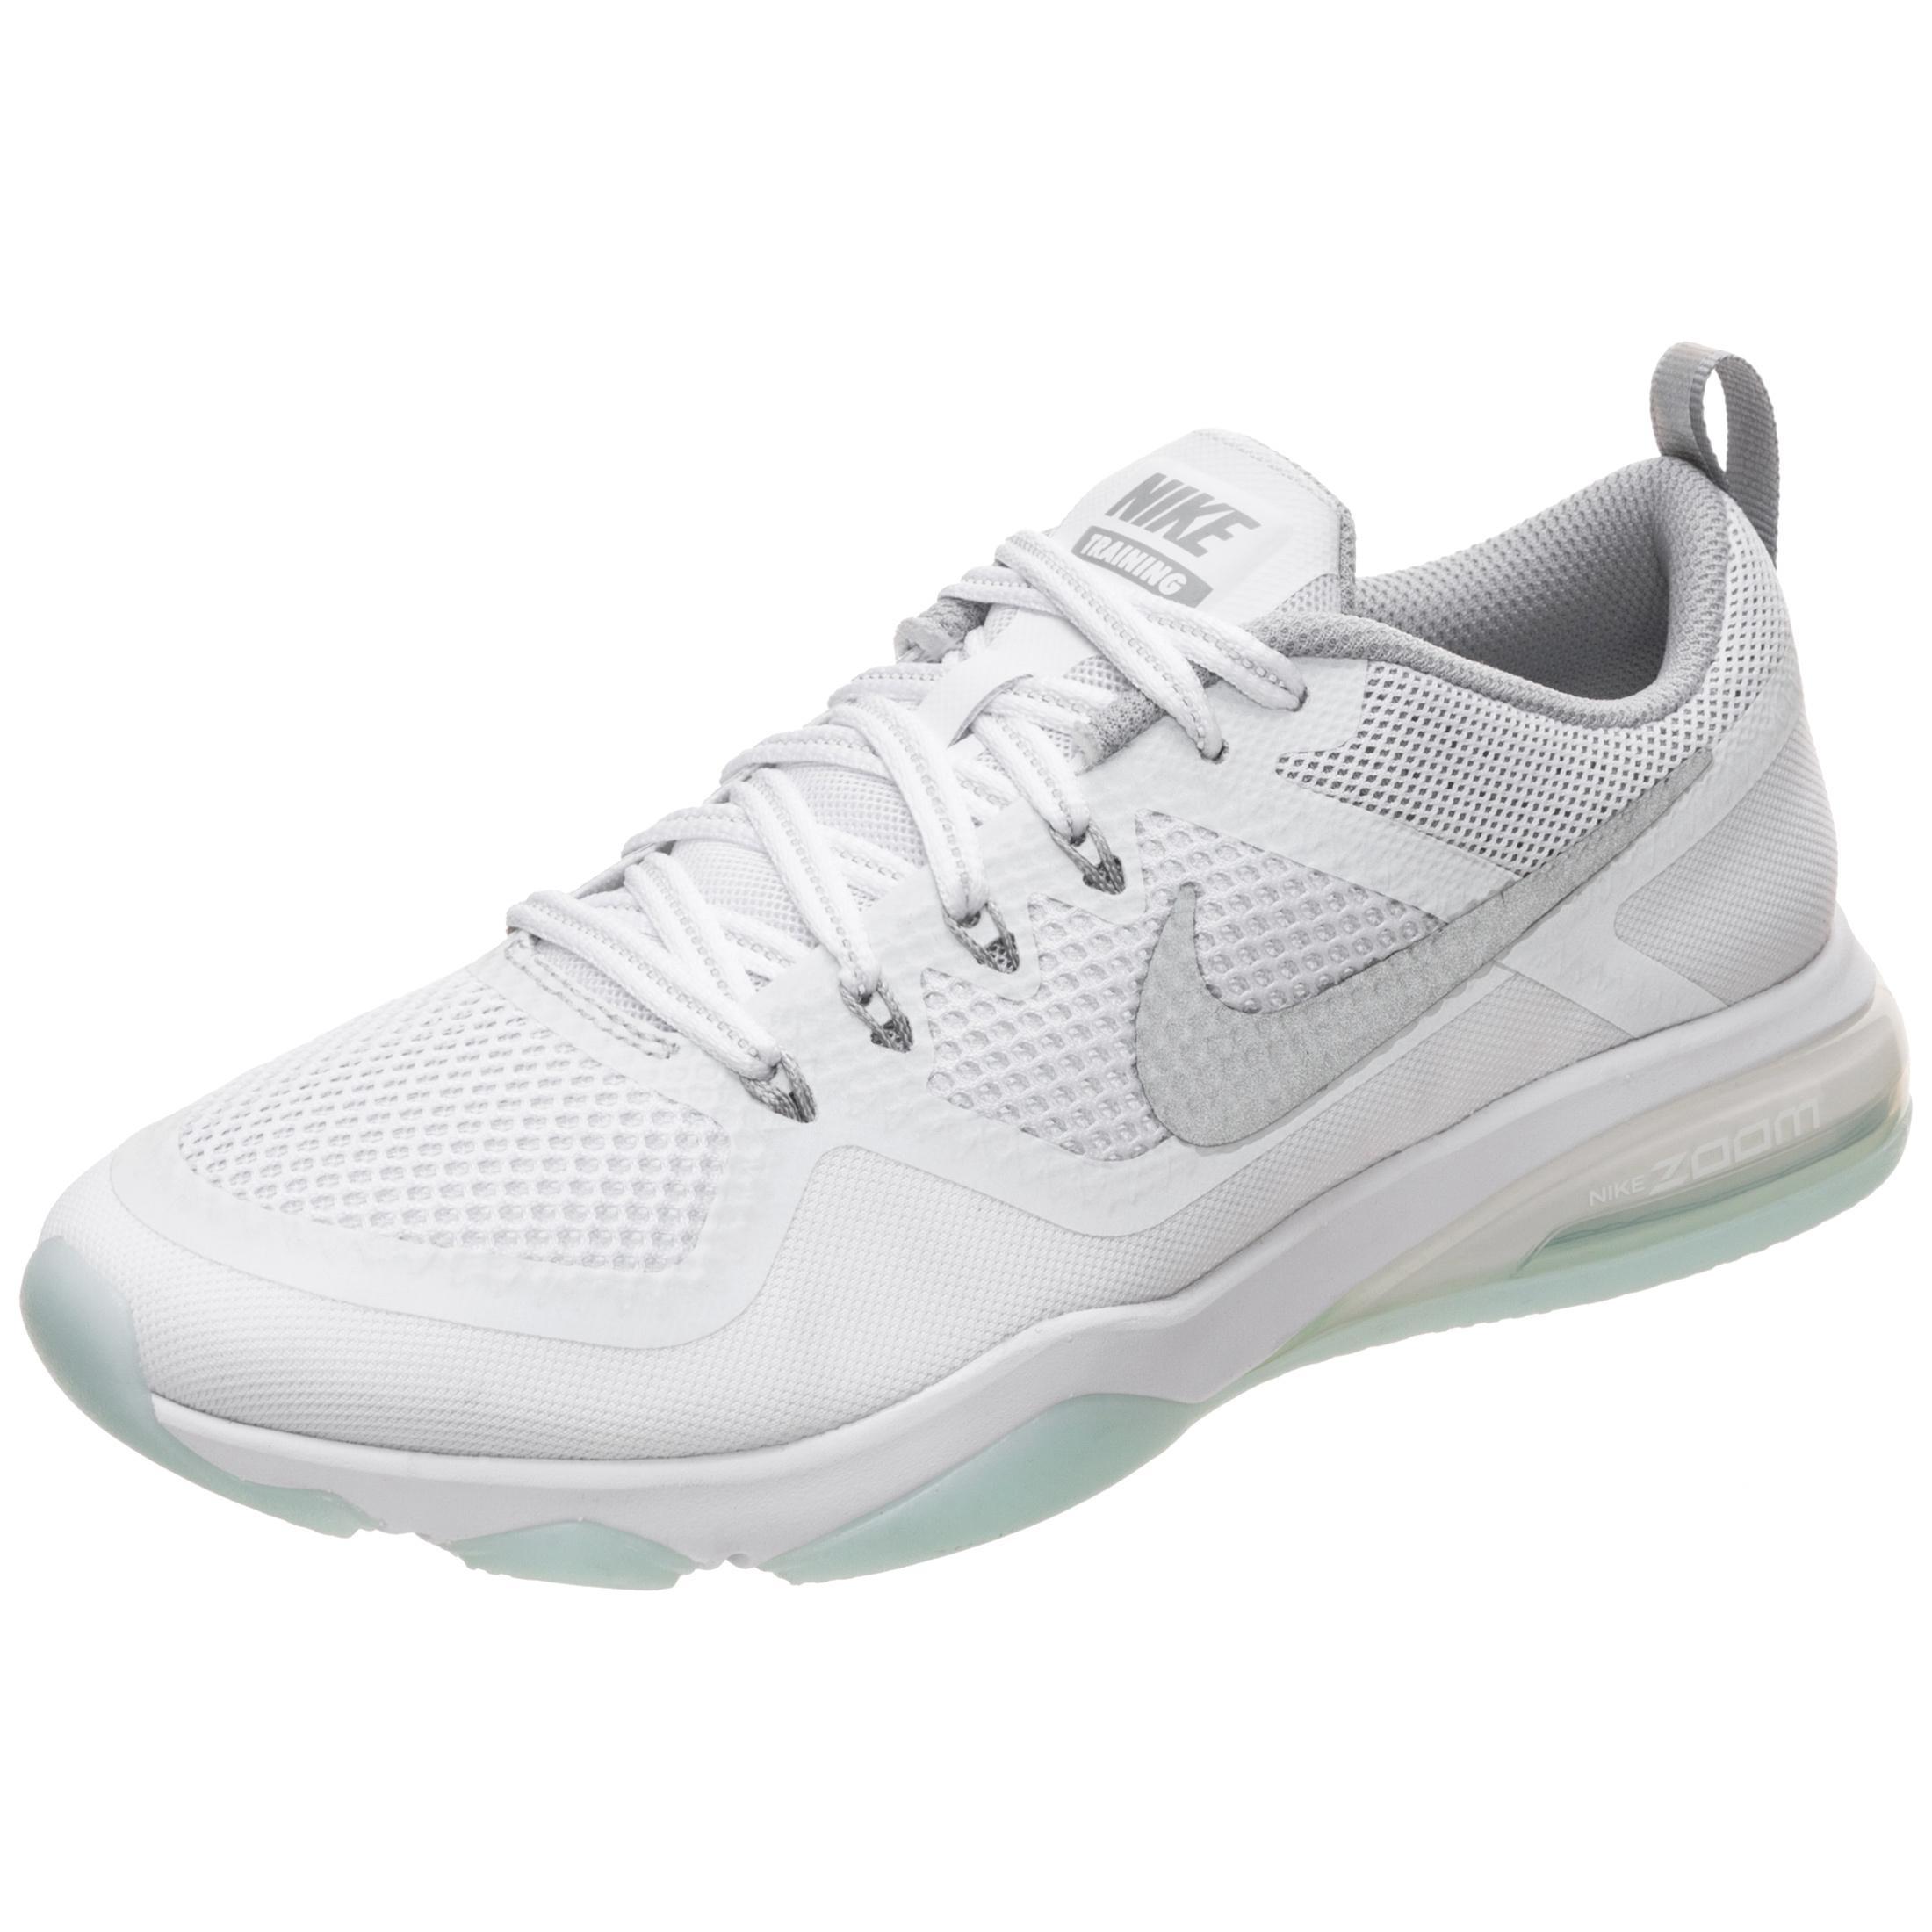 7643c681a4 Nike Air Zoom Fitness Reflect Fitnessschuhe Damen weiß im Online Shop von  SportScheck kaufen